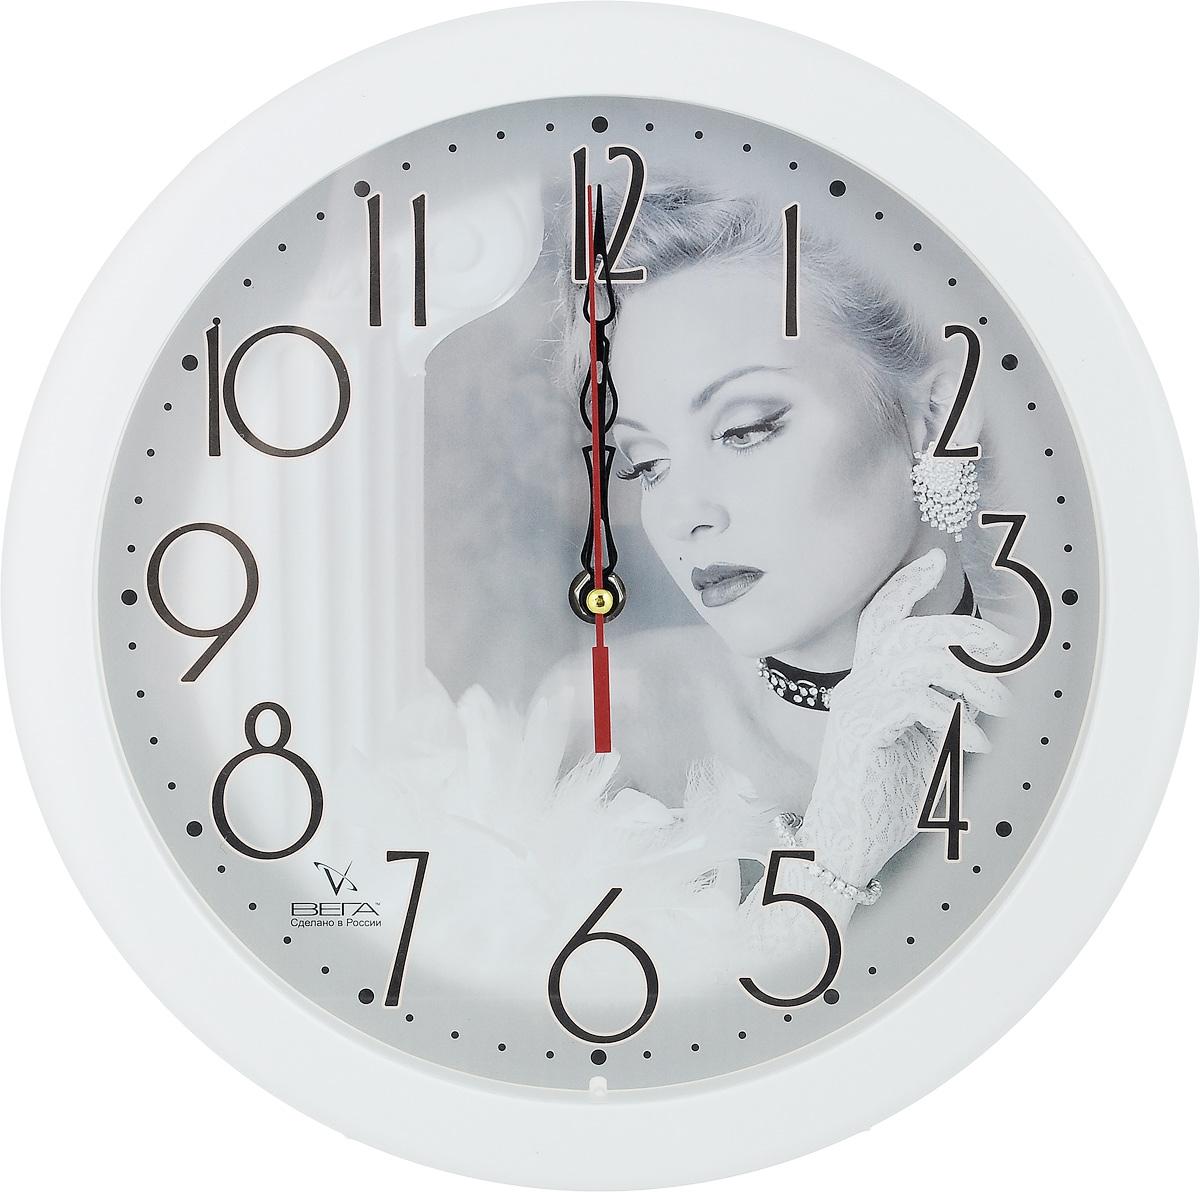 Часы настенные Вега Актриса, диаметр 28,5 смП1-7/7-24Настенные кварцевые часы Вега Актриса, изготовленные из пластика, прекрасно впишутся в интерьервашего дома. Круглые часы имеют три стрелки: часовую,минутную и секундную, циферблат защищен прозрачным стеклом.Часы работают от 1 батарейки типа АА напряжением 1,5 В (не входит в комплект).Диаметр часов: 28,5 см.